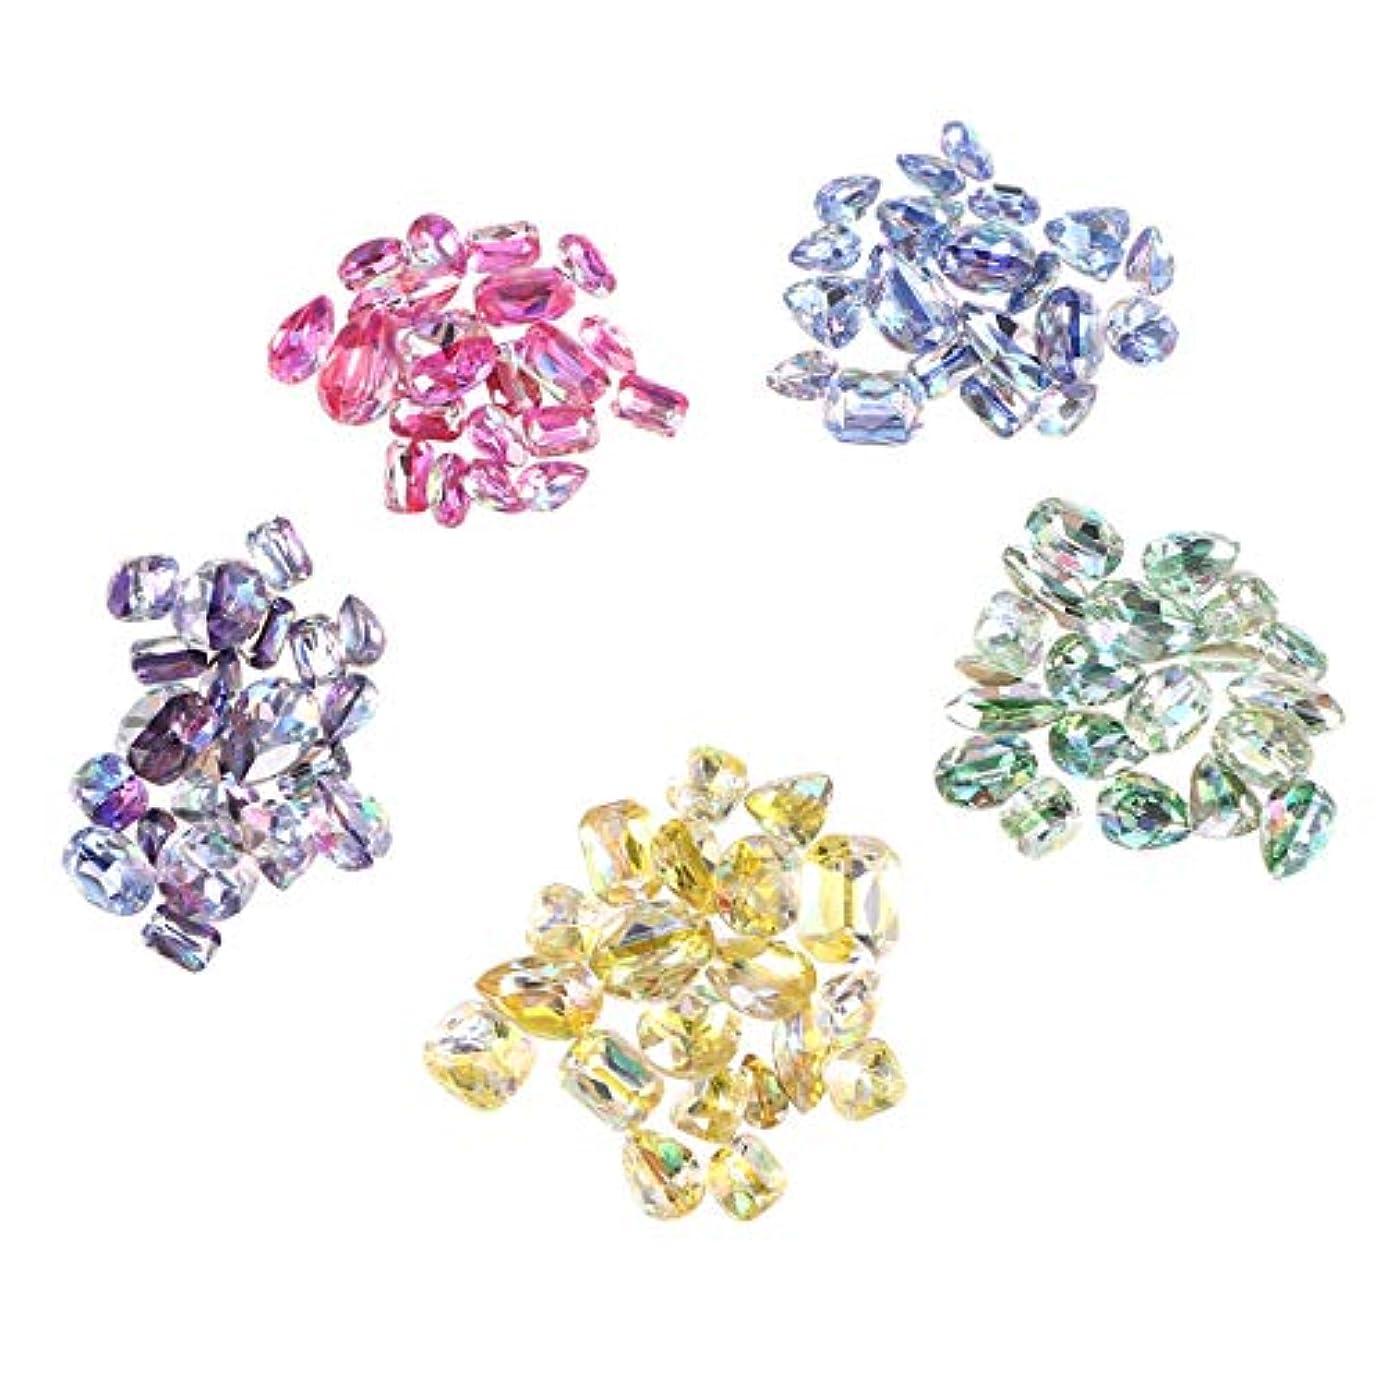 ペグ発表細いLurrose ガラス ラインストーン マニキュア ストーン カラフル ネイルアクセサリー 女性 レディー 20色 ランダム 混合 100ピース